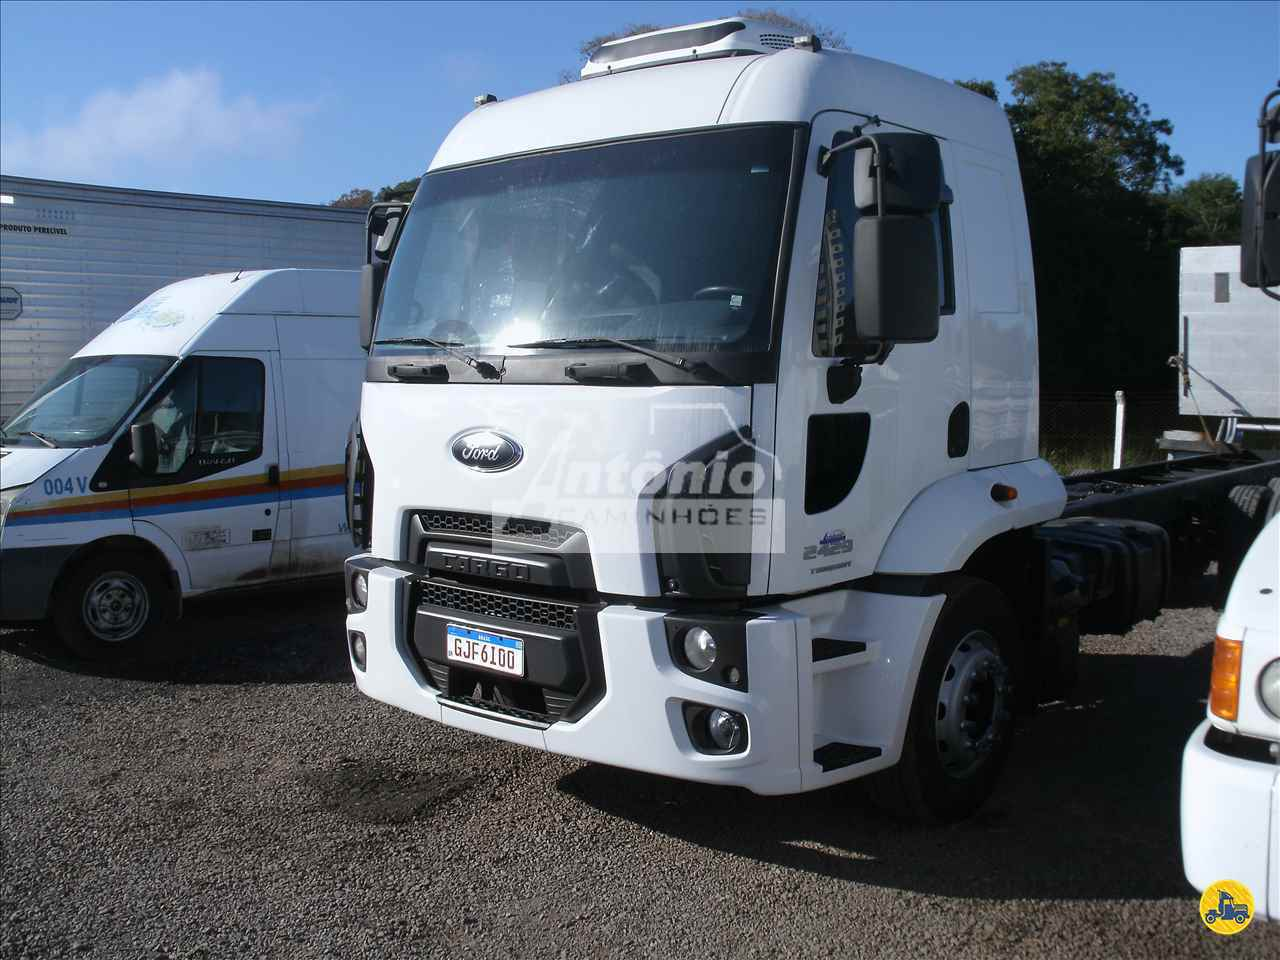 CAMINHAO FORD CARGO 2429 Chassis Truck 6x2 Antônio Caminhões GARIBALDI RIO GRANDE DO SUL RS